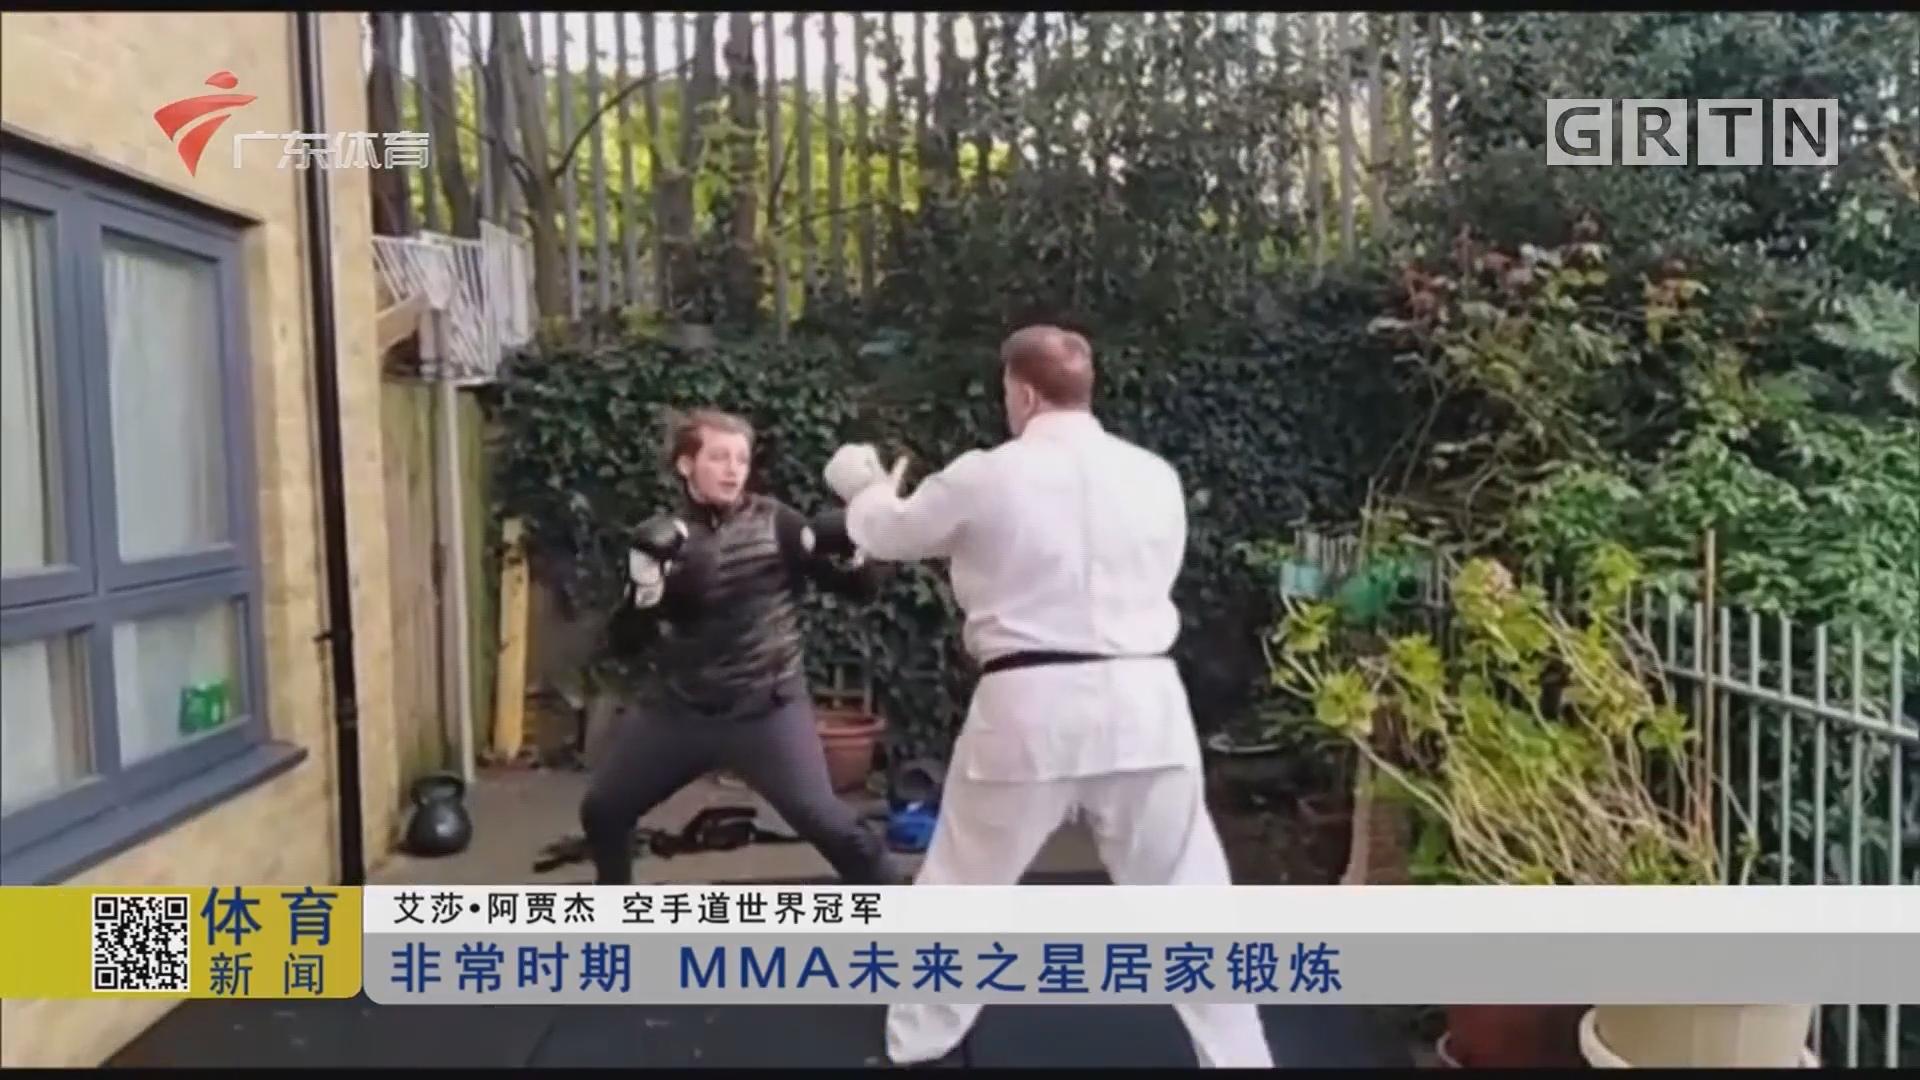 非常时期 MMA未来之星居家锻炼